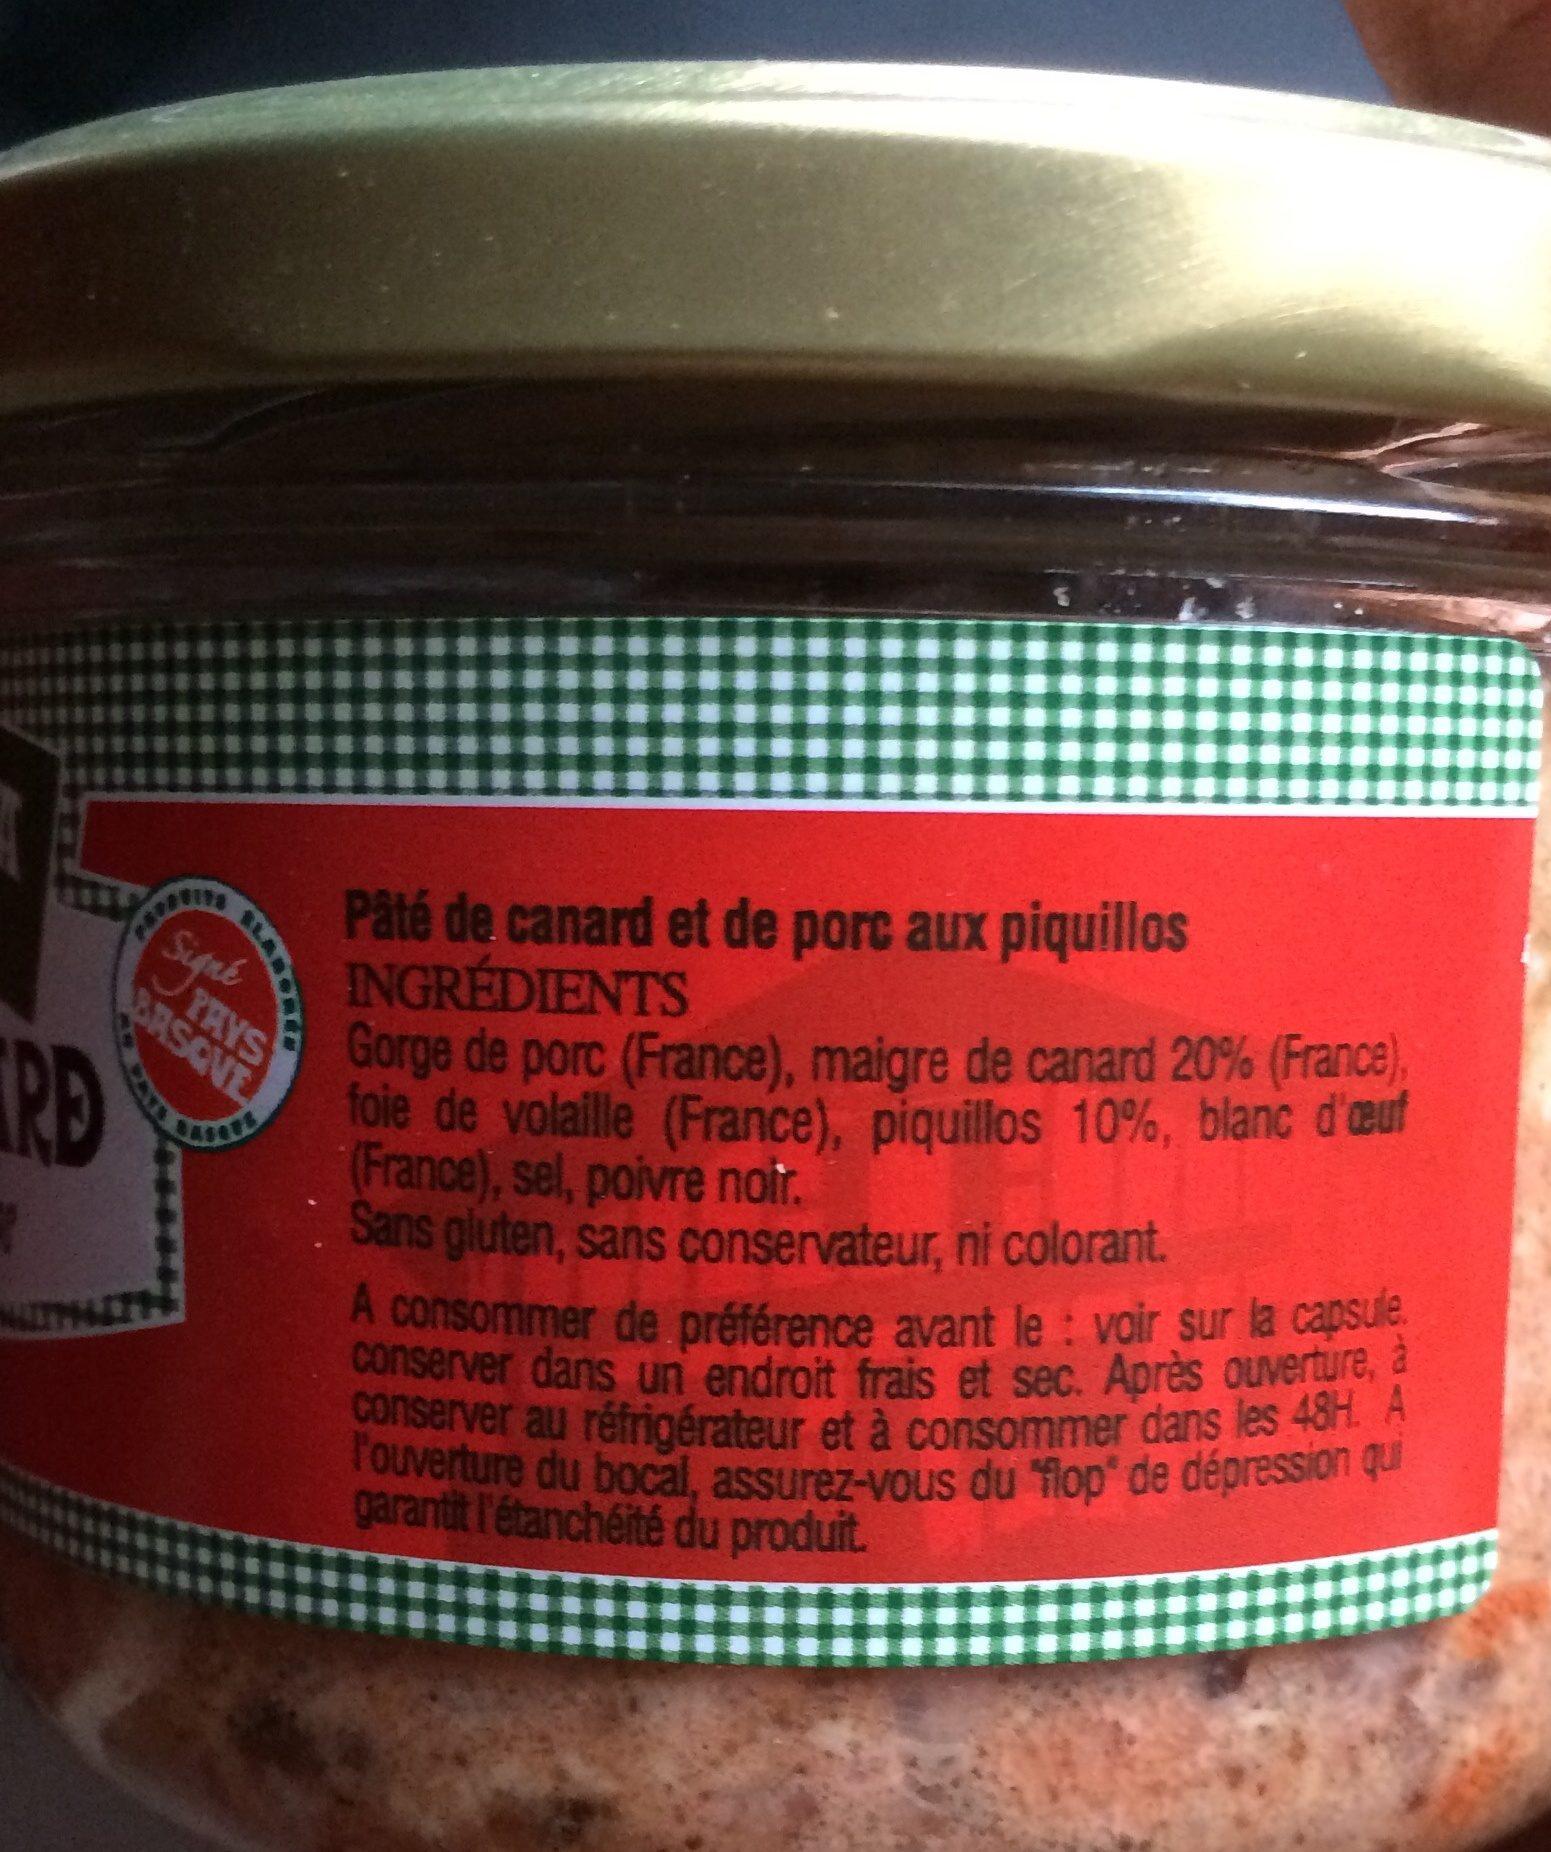 Paté de canard piment espelette - Ingrediënten